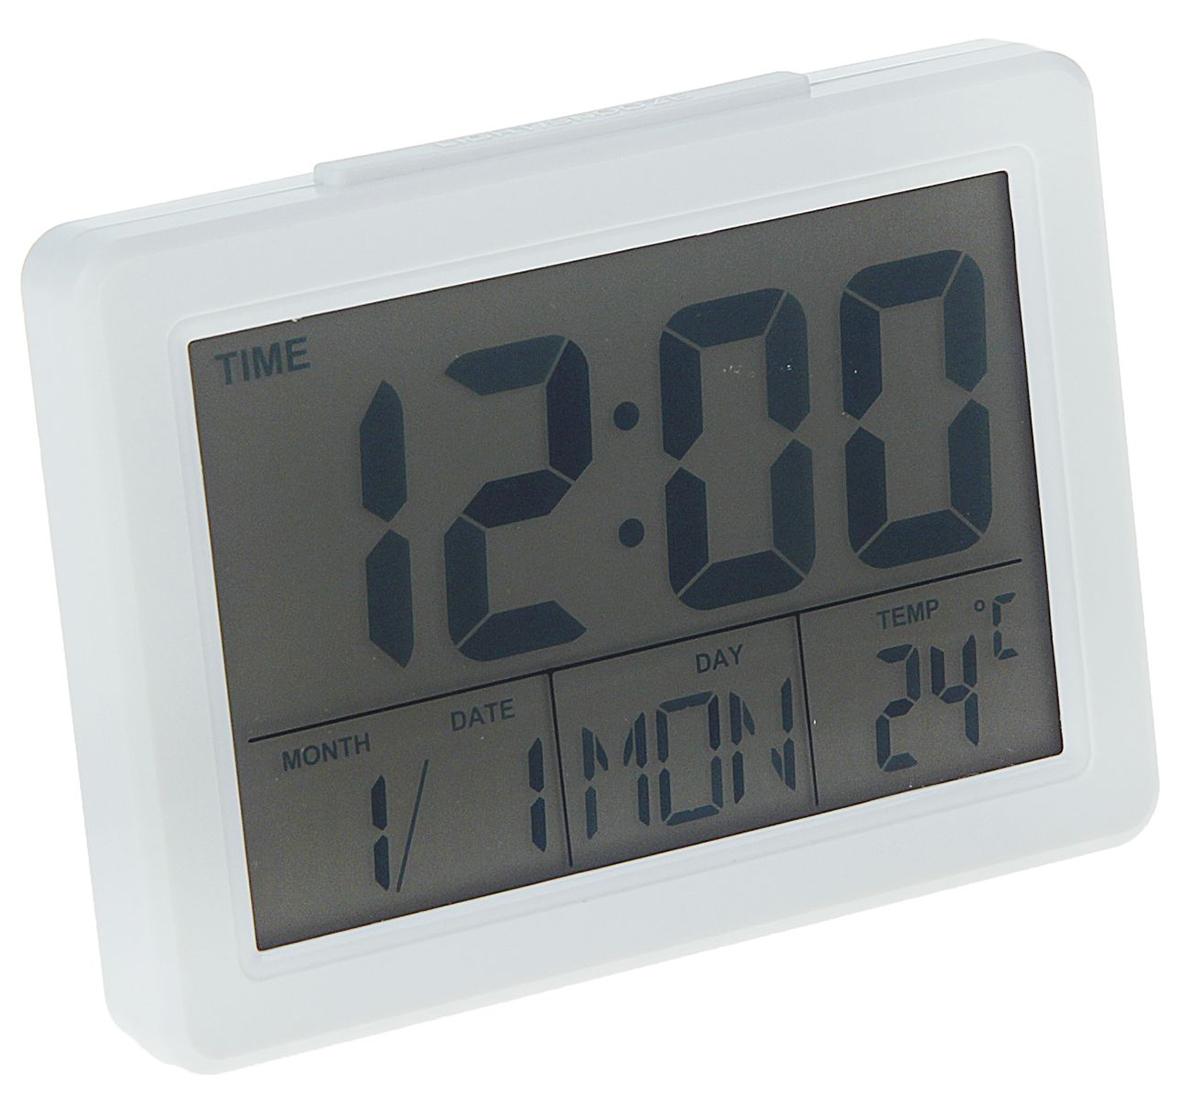 Часы-будильник Luazon Home. 11634521163452Электронные часы-будильник удобны в использовании и многофункциональны, а их классический дизайн прекрасно впишется в любой интерьер. Лёгкая настройка обеспечивается кнопками, расположенными на обратной стороне прибора. На дисплее отображается дата, время и температура воздуха в помещении. Подсветка экрана и чёткая индикация цифр гарантируют их видимость даже из дальних углов комнаты. Кнопки подсветки дисплея и повтора звонка будильника удобно расположены на верхней панели устройства. Характеристики Индикатор времени, даты, недели. Календарь (2000?2099г.г.). 12 и 24-часовой формат отображения времени. Режим будильника и повтора звонка будильника. Термометр (°С/°F). Функция таймера. Светодиодная подсветка. Режим мирового времени (возможность установить время 16 мегаполисов). Режим выбора языка (возможность отображения информации на 7 языках). Работает от 2 батареек АА (в комплект не входят). Гарантия: 6 месяцев. С электронным будильником LuazON вы точно не проспите!